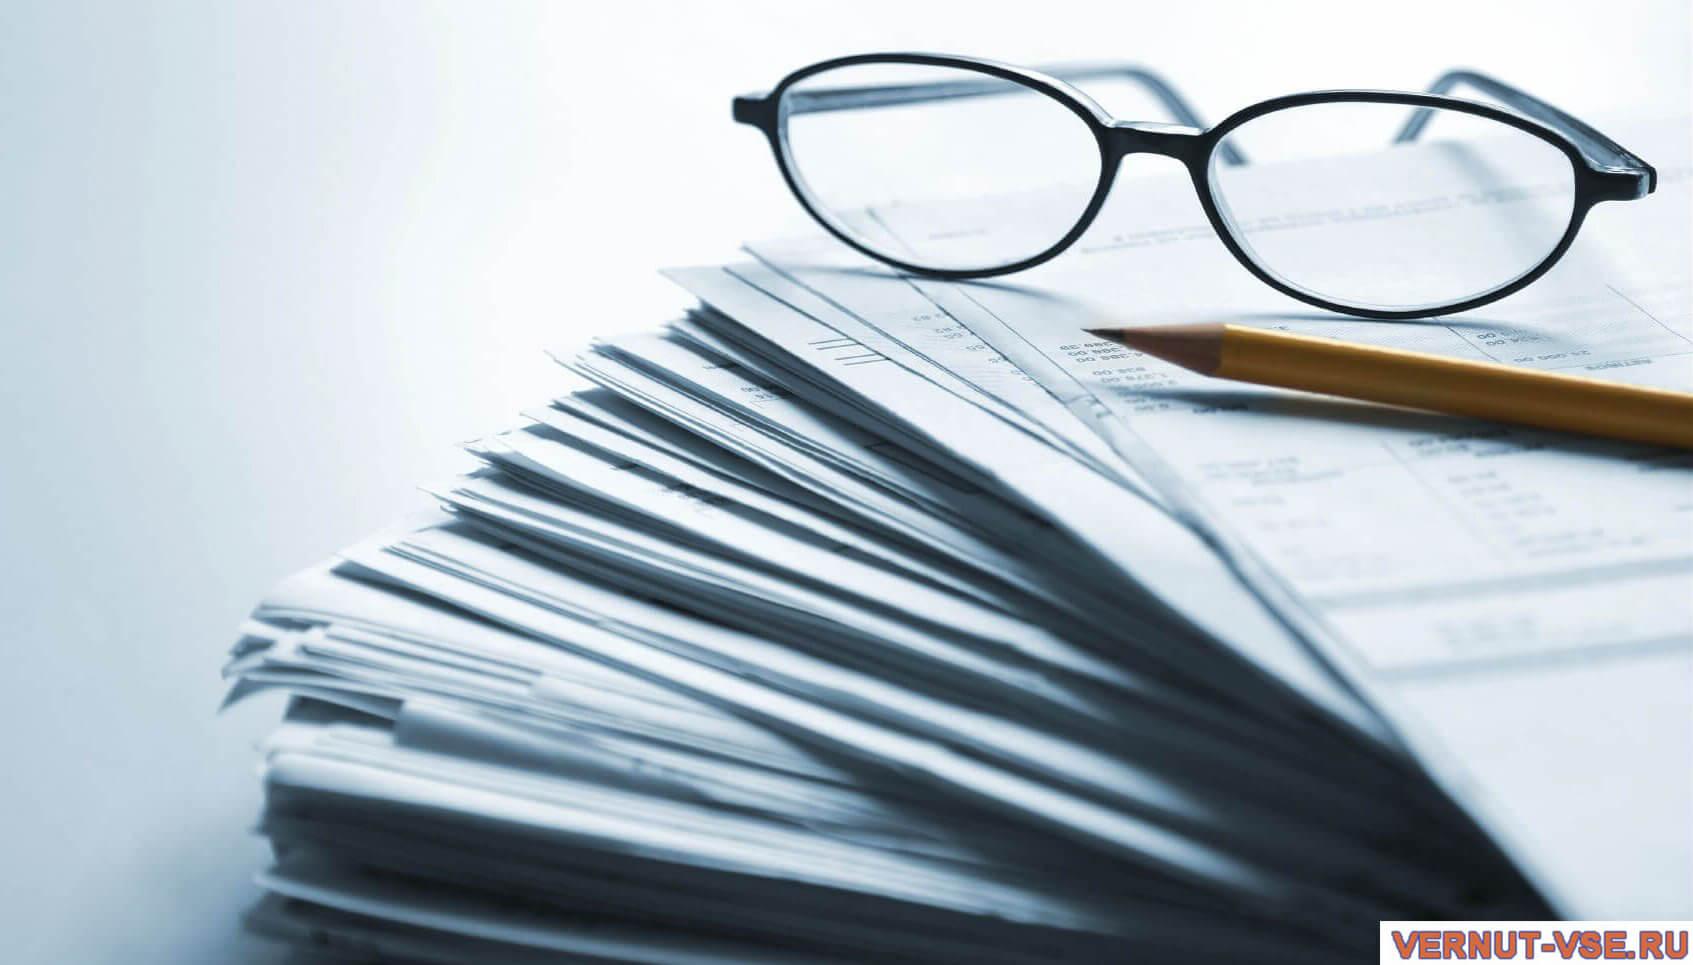 Очки и карандаш на документах